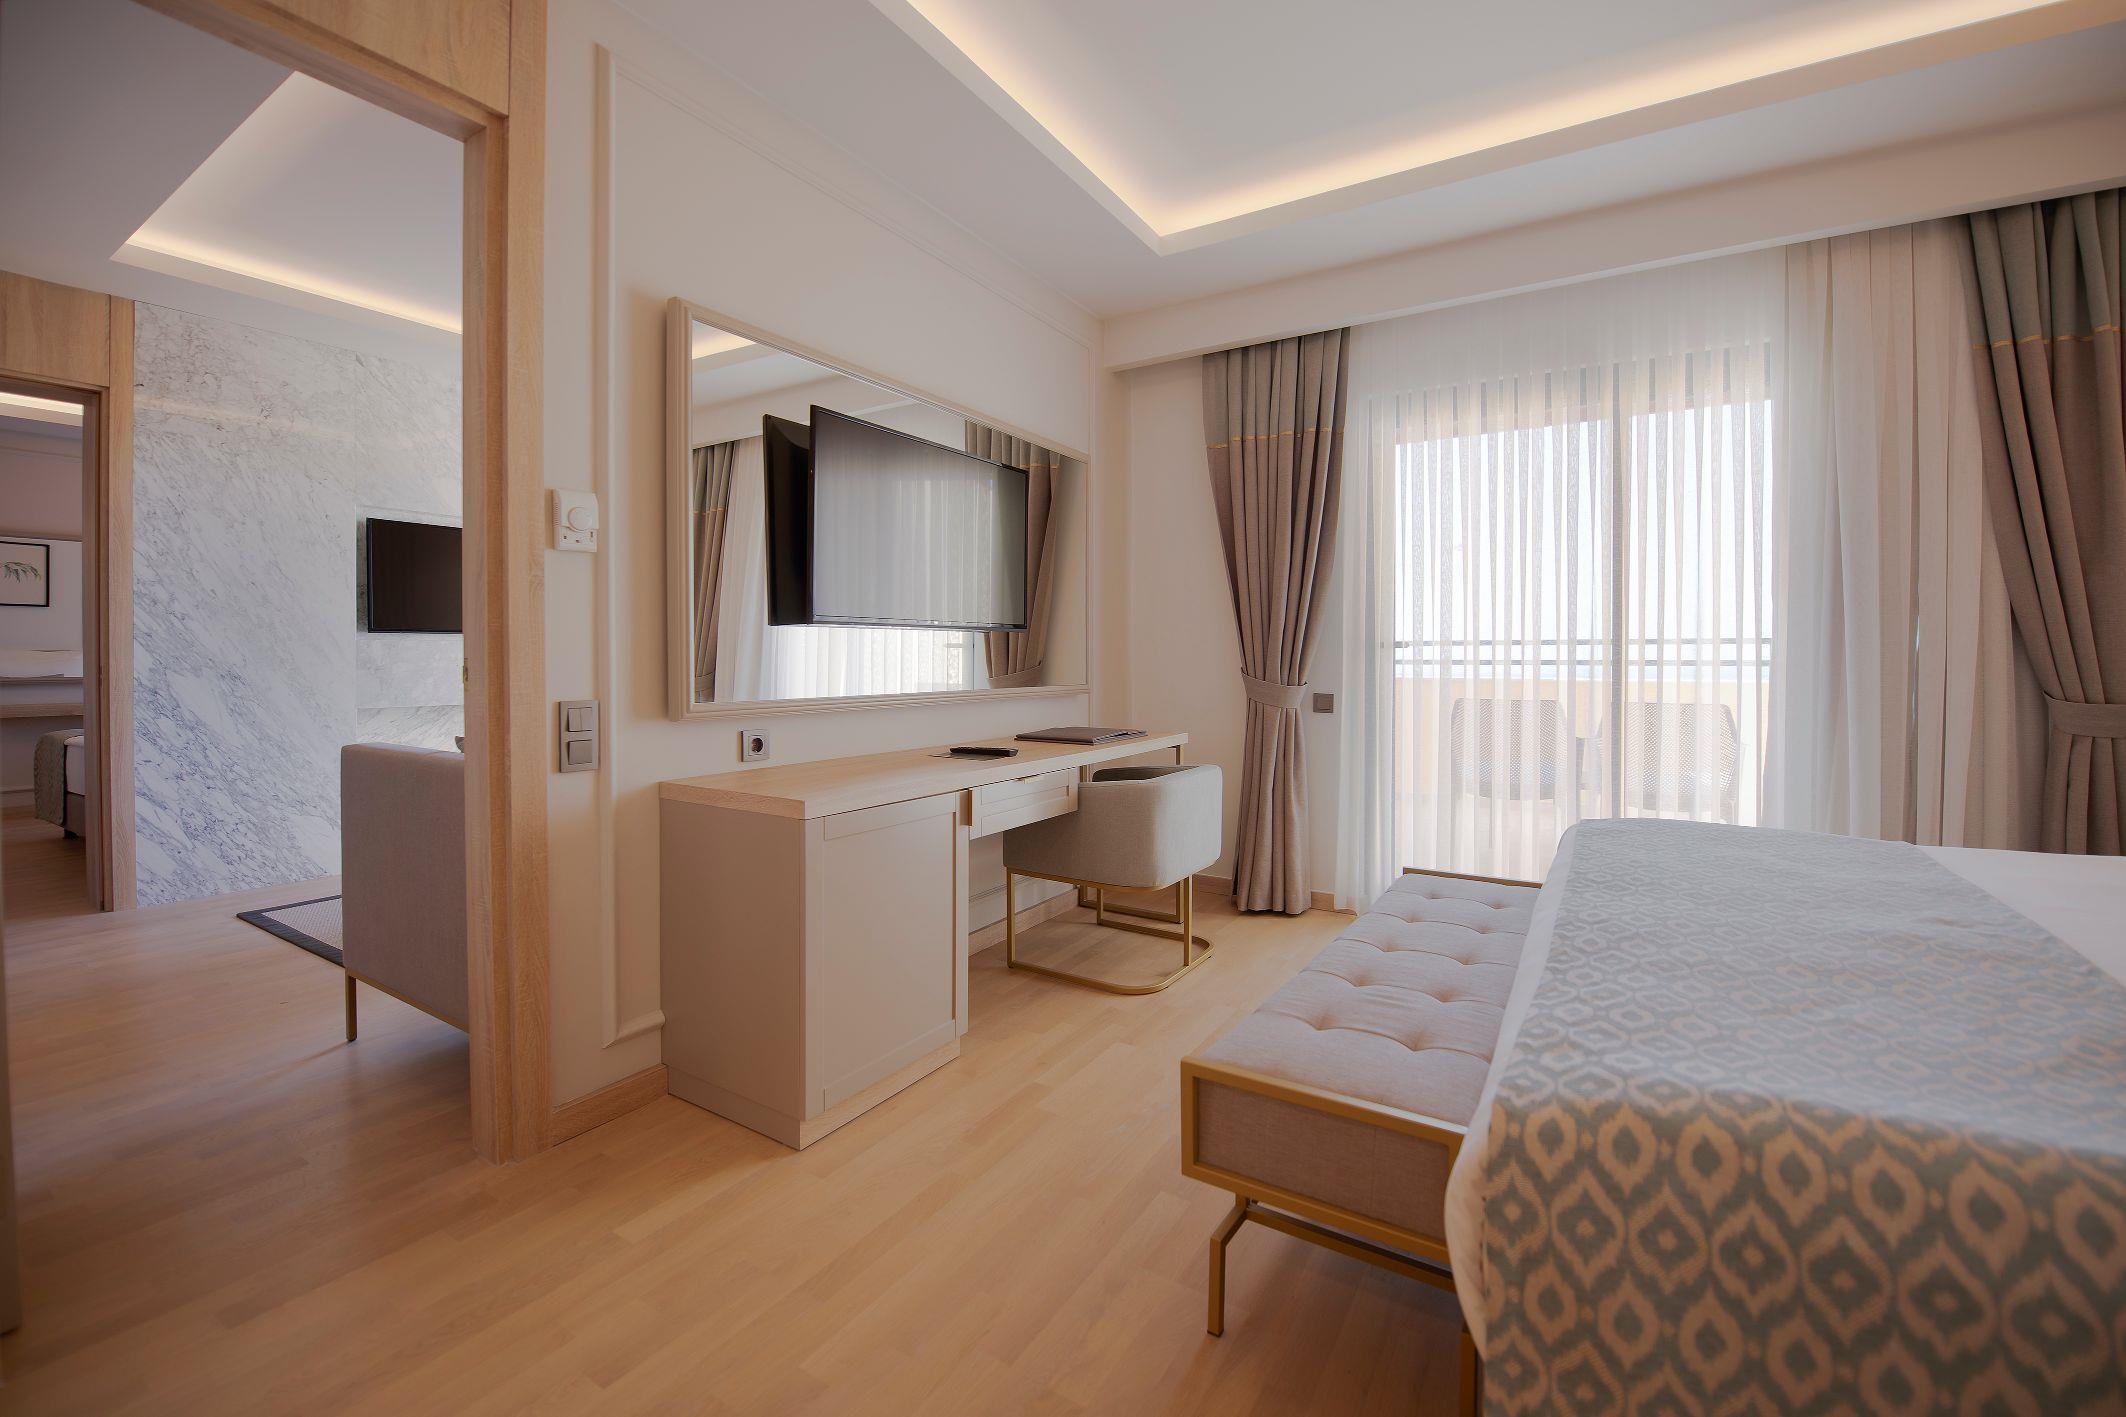 http://www.orextravel.sk/OREX/hotelphotos/miramare-queen-hotel-general-0019.jpg